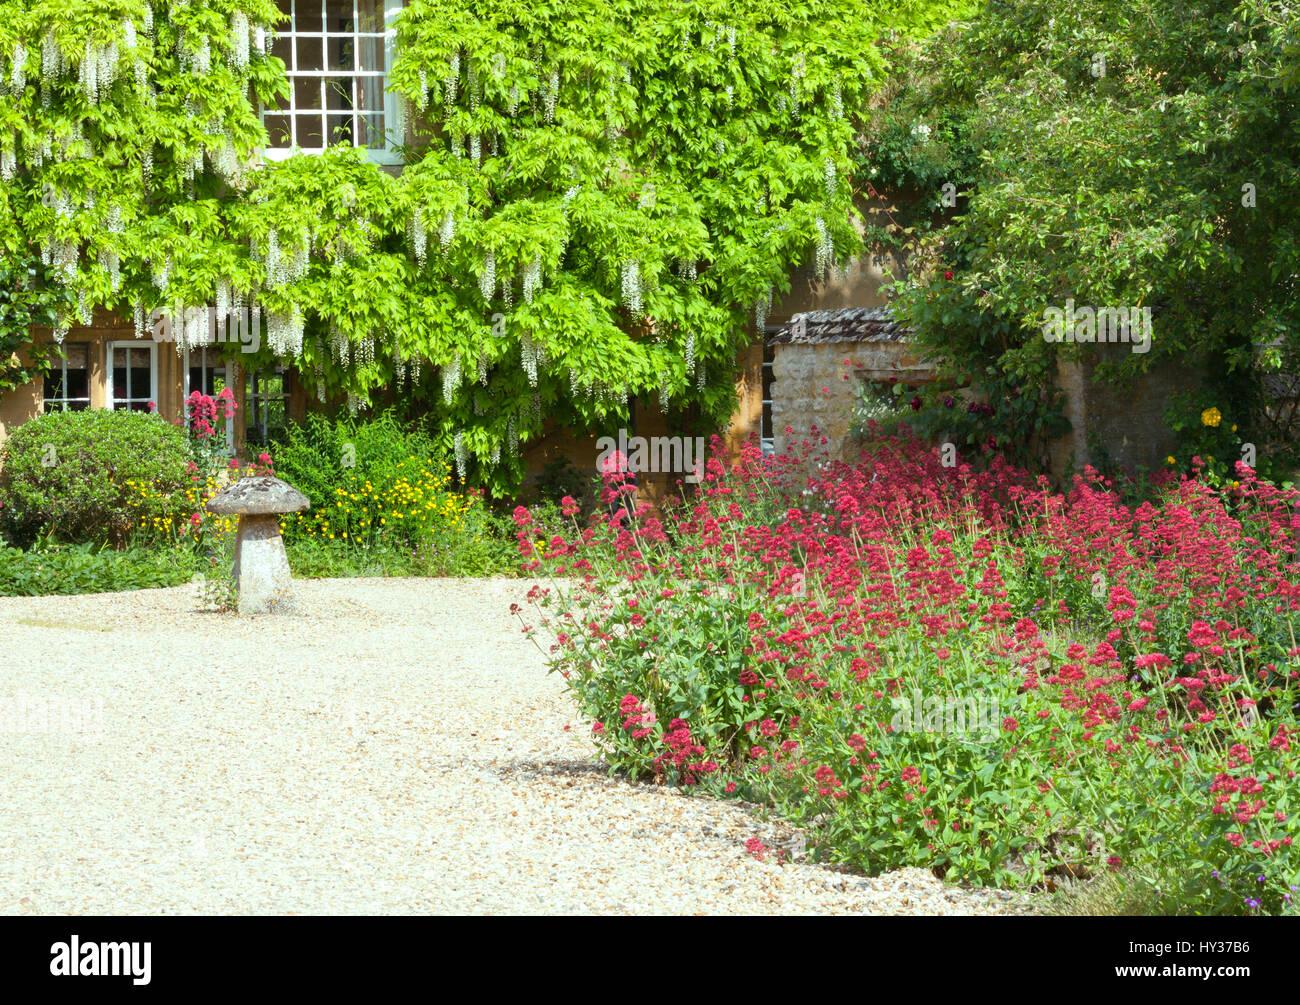 Vordere Bauerngarten mit roten Blumen entlang steinerne Auffahrt ...